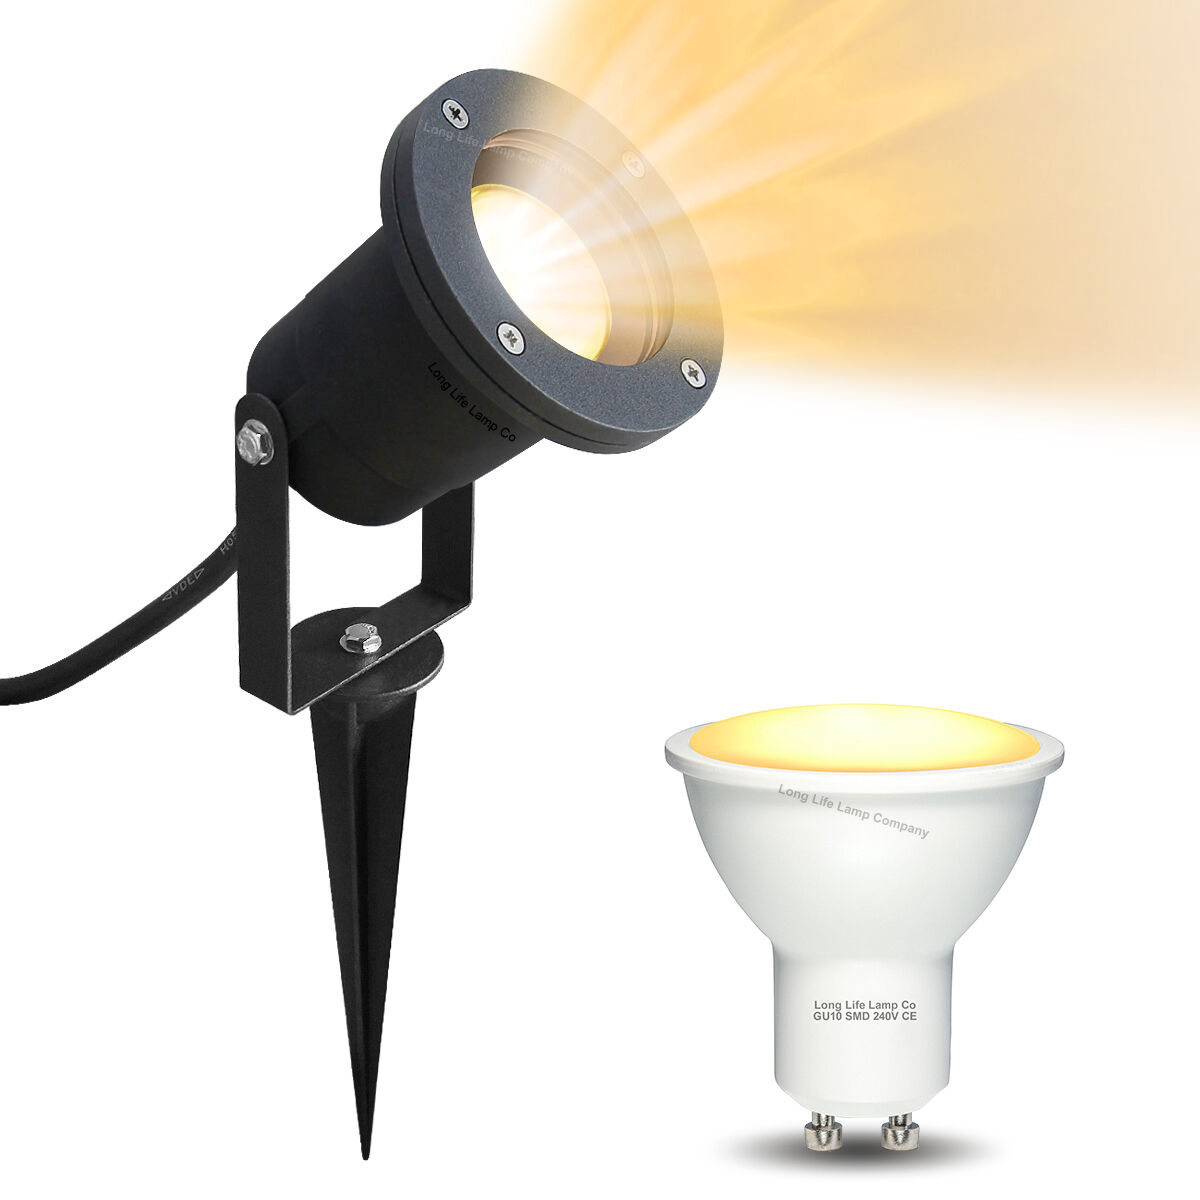 LED Garden Spike Lights Adjustable IP65 4W GU10 240v Mains, Various Pack Größes